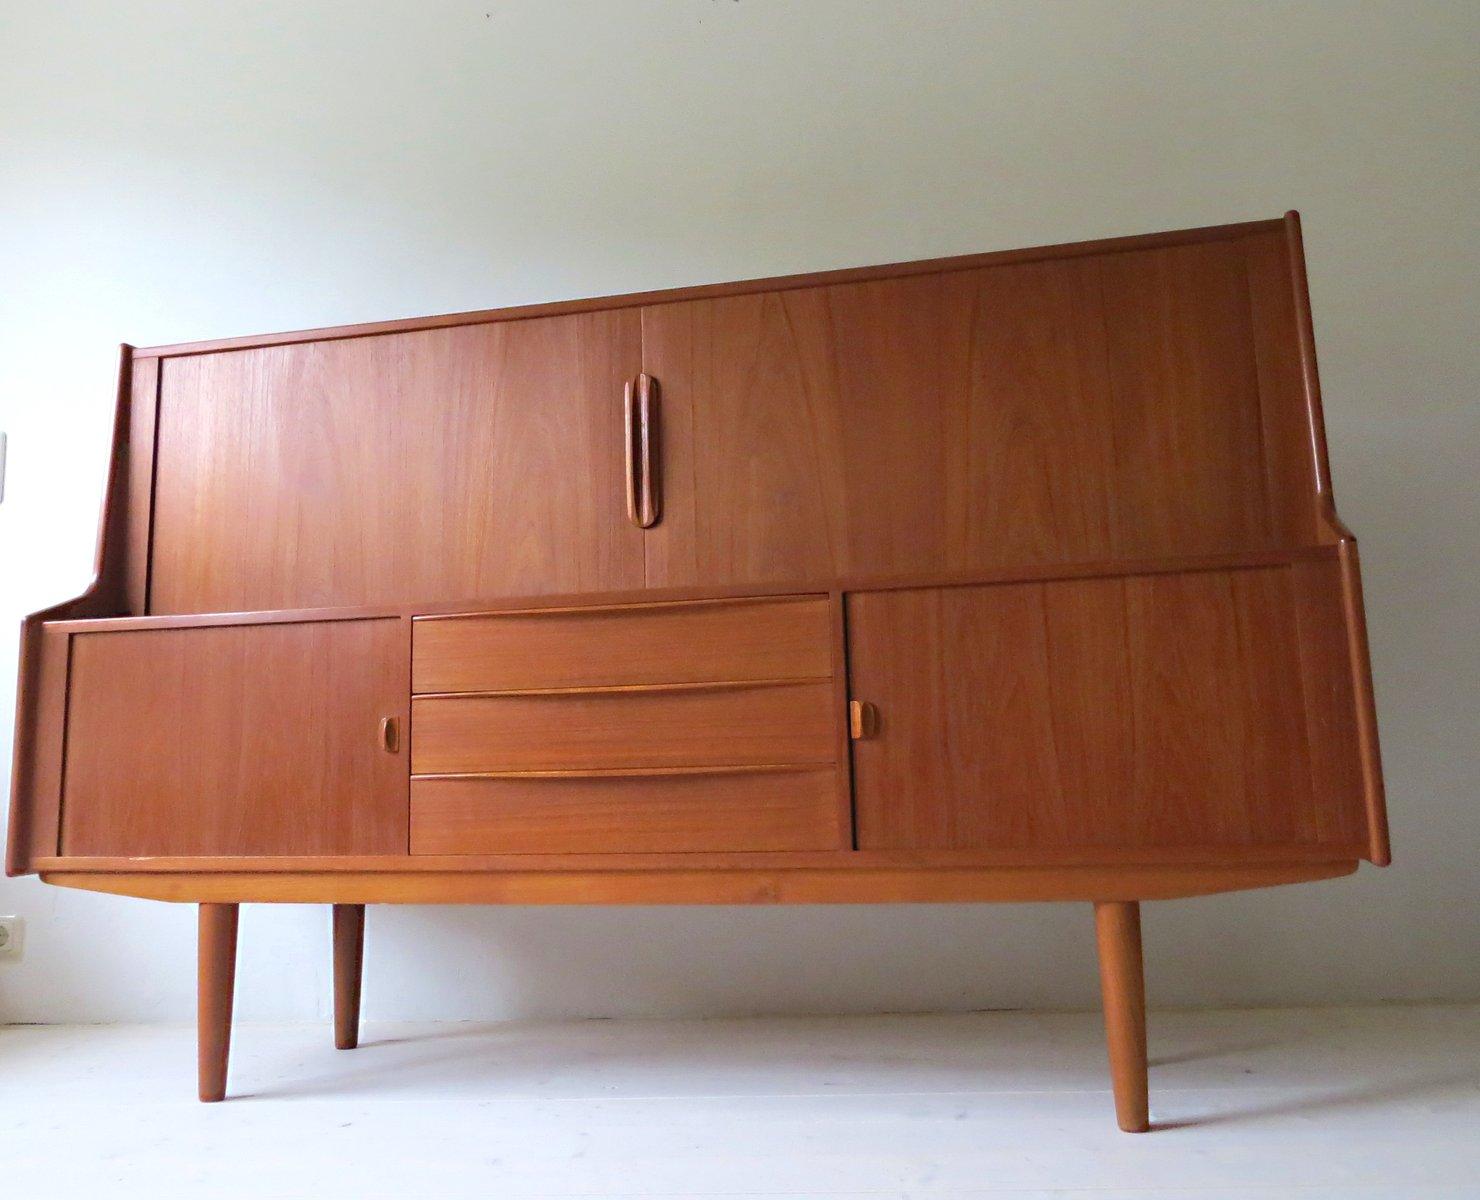 d nisches vintage teak highboard von ib kofod larsen f r faarup 1960er bei pamono kaufen. Black Bedroom Furniture Sets. Home Design Ideas